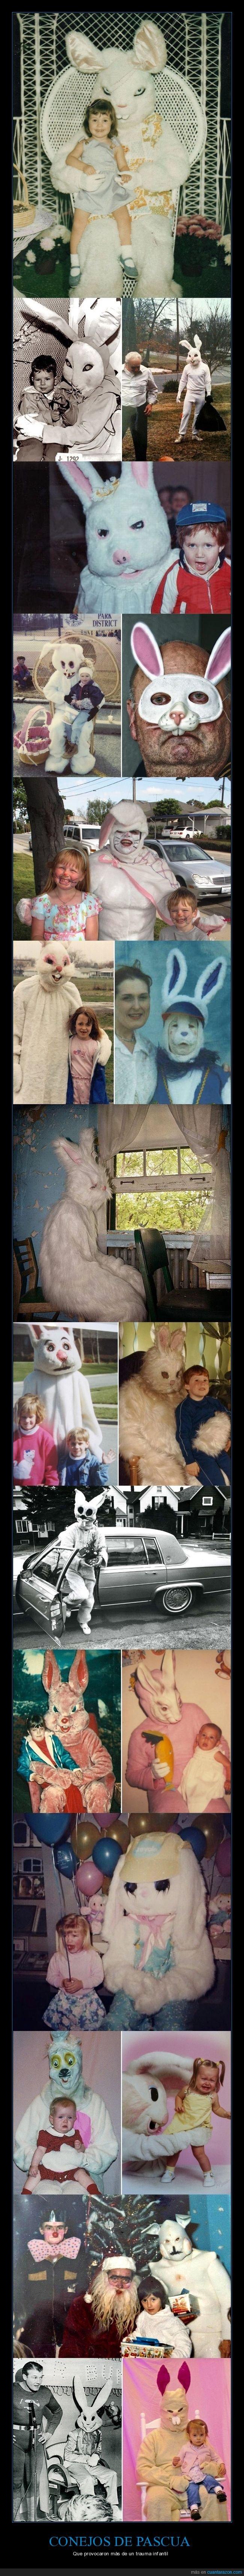 conejos de pascua,disfraces,miedo